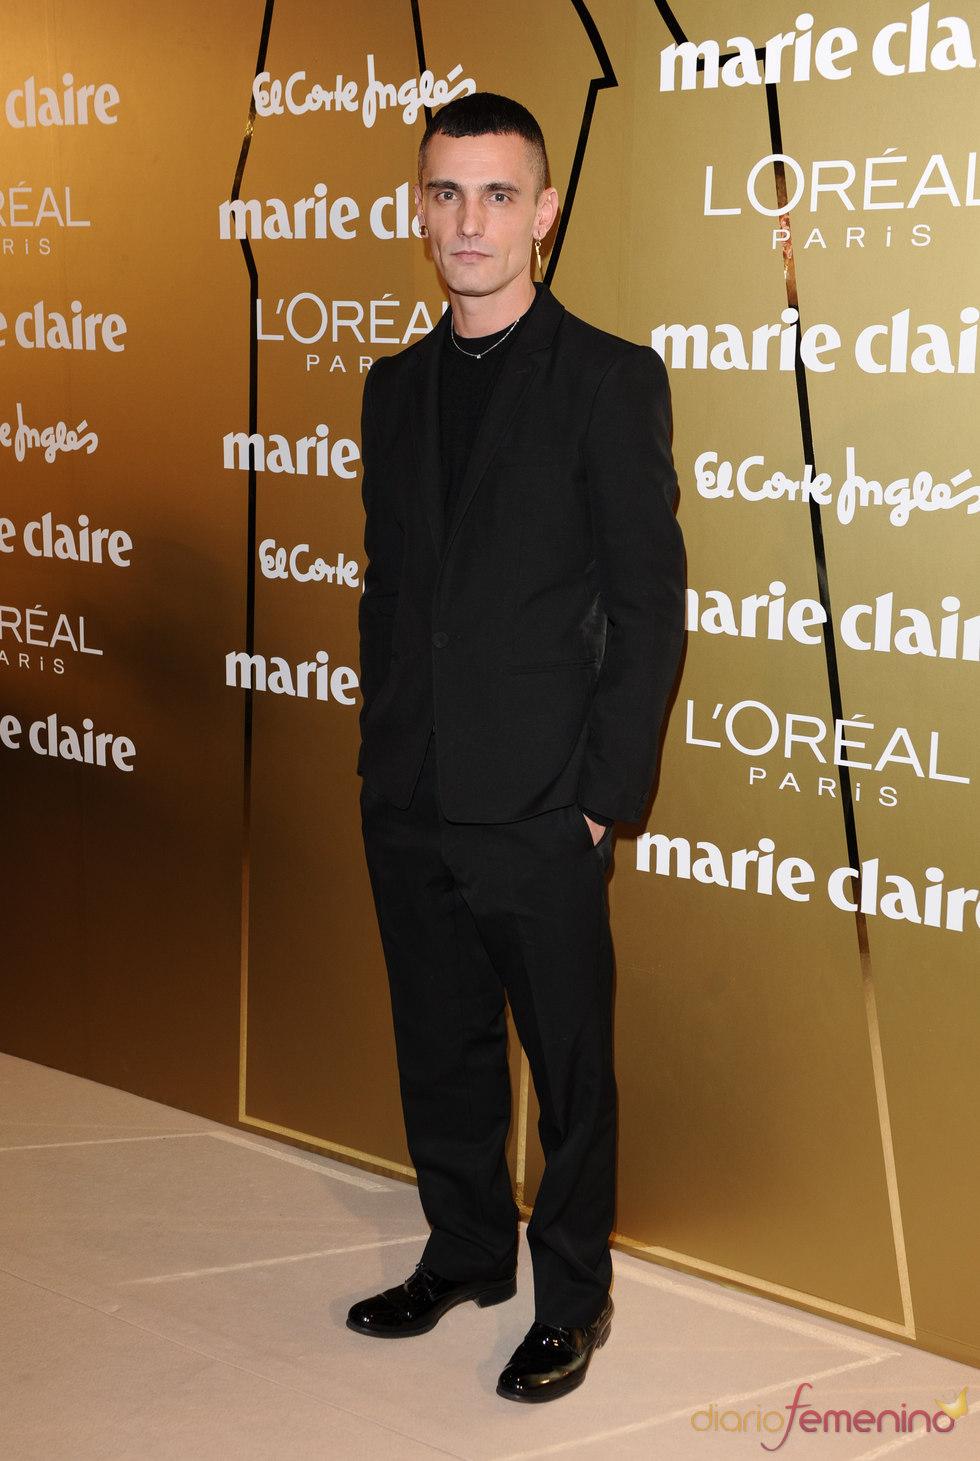 David Delfín en los Premios Marie Claire 2010